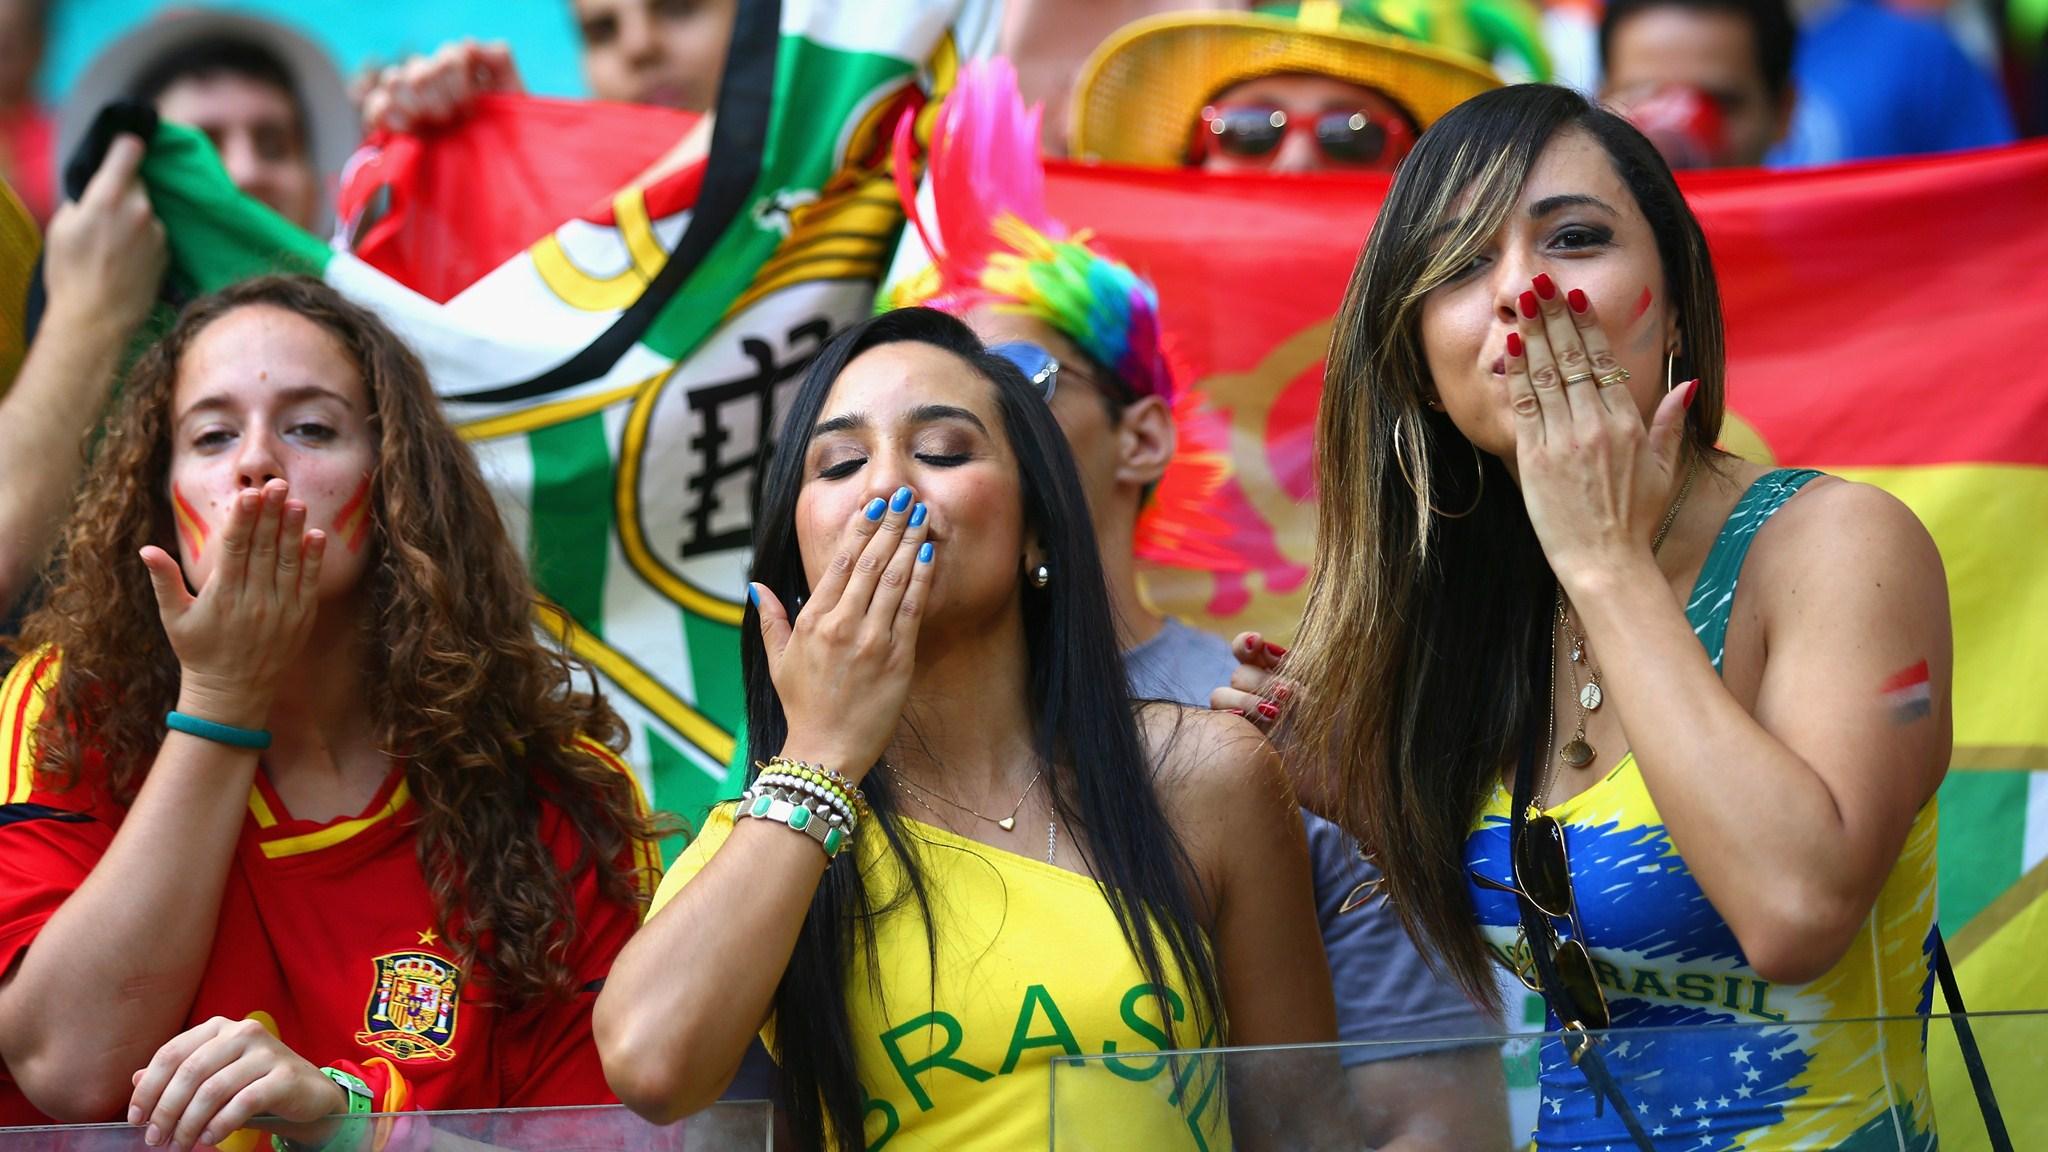 Чемпионат мира по сексу фото 11 фотография